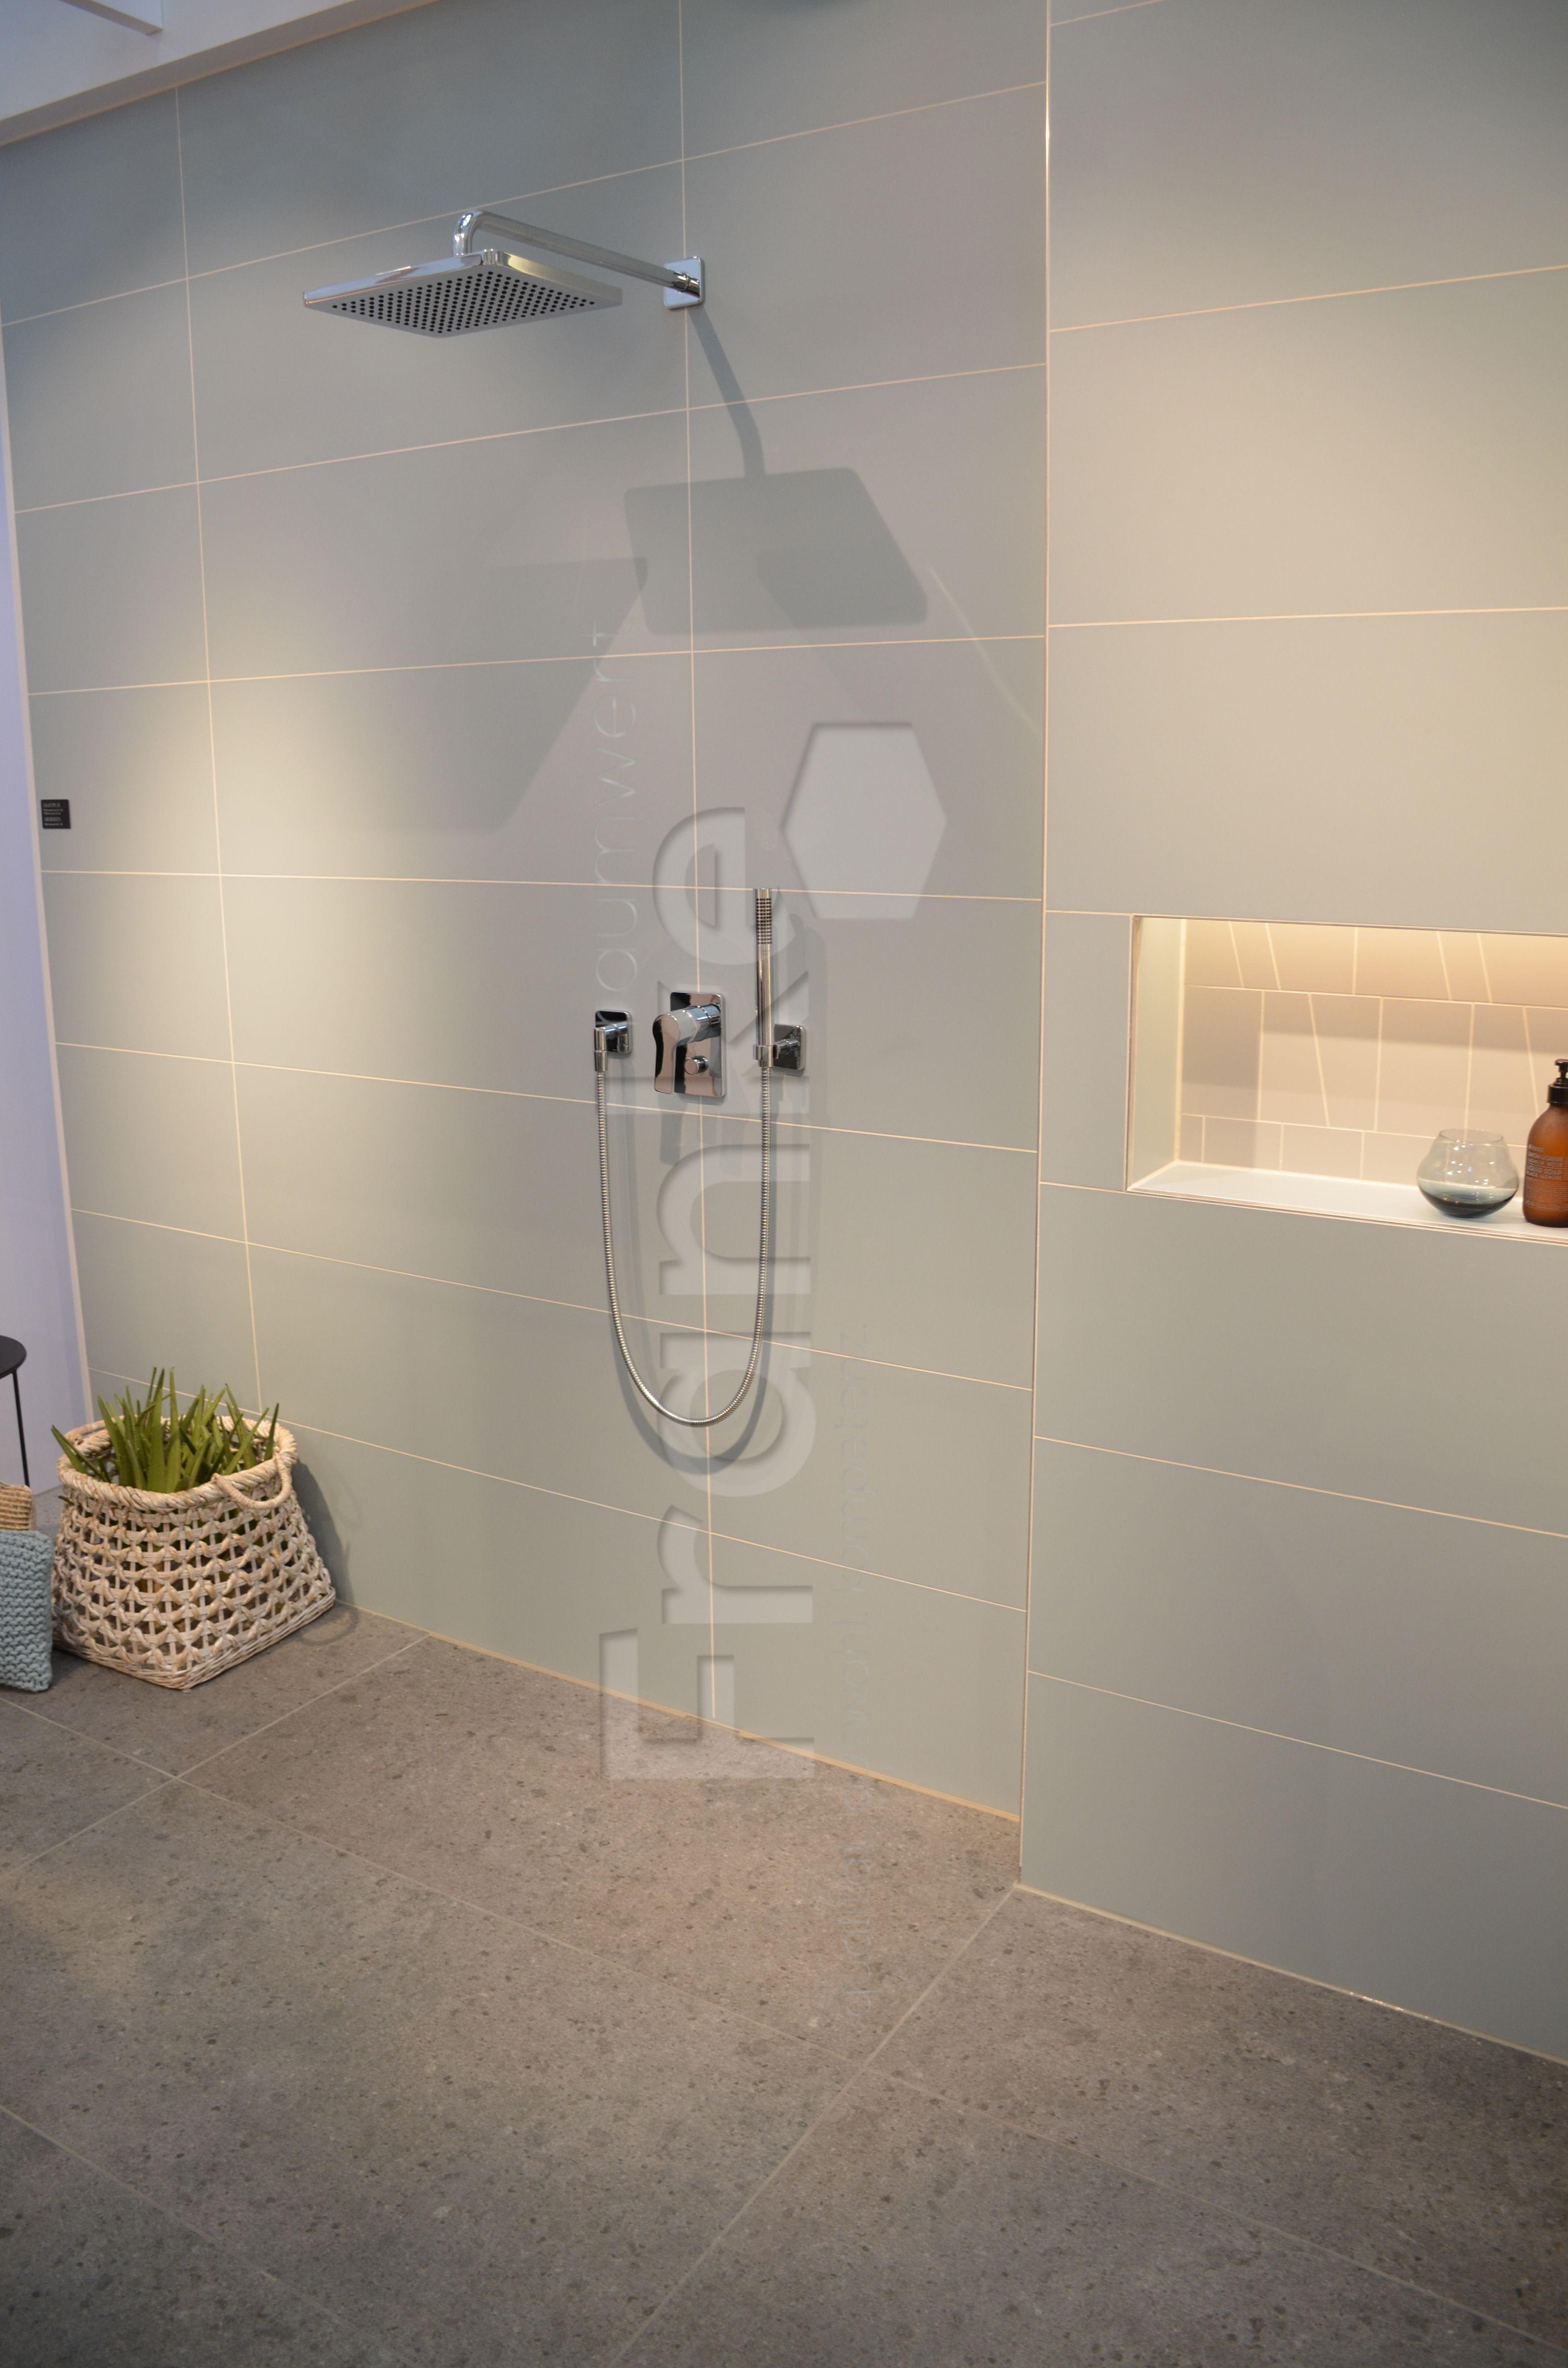 Pragend Fur Die Fliesenfarben Ist Der Powder Touch Fliesen Wandfliesen Tiles Walltiles Badezimmer Bad Badezimmerideen Badezimmer Fliesen Armaturen Bad